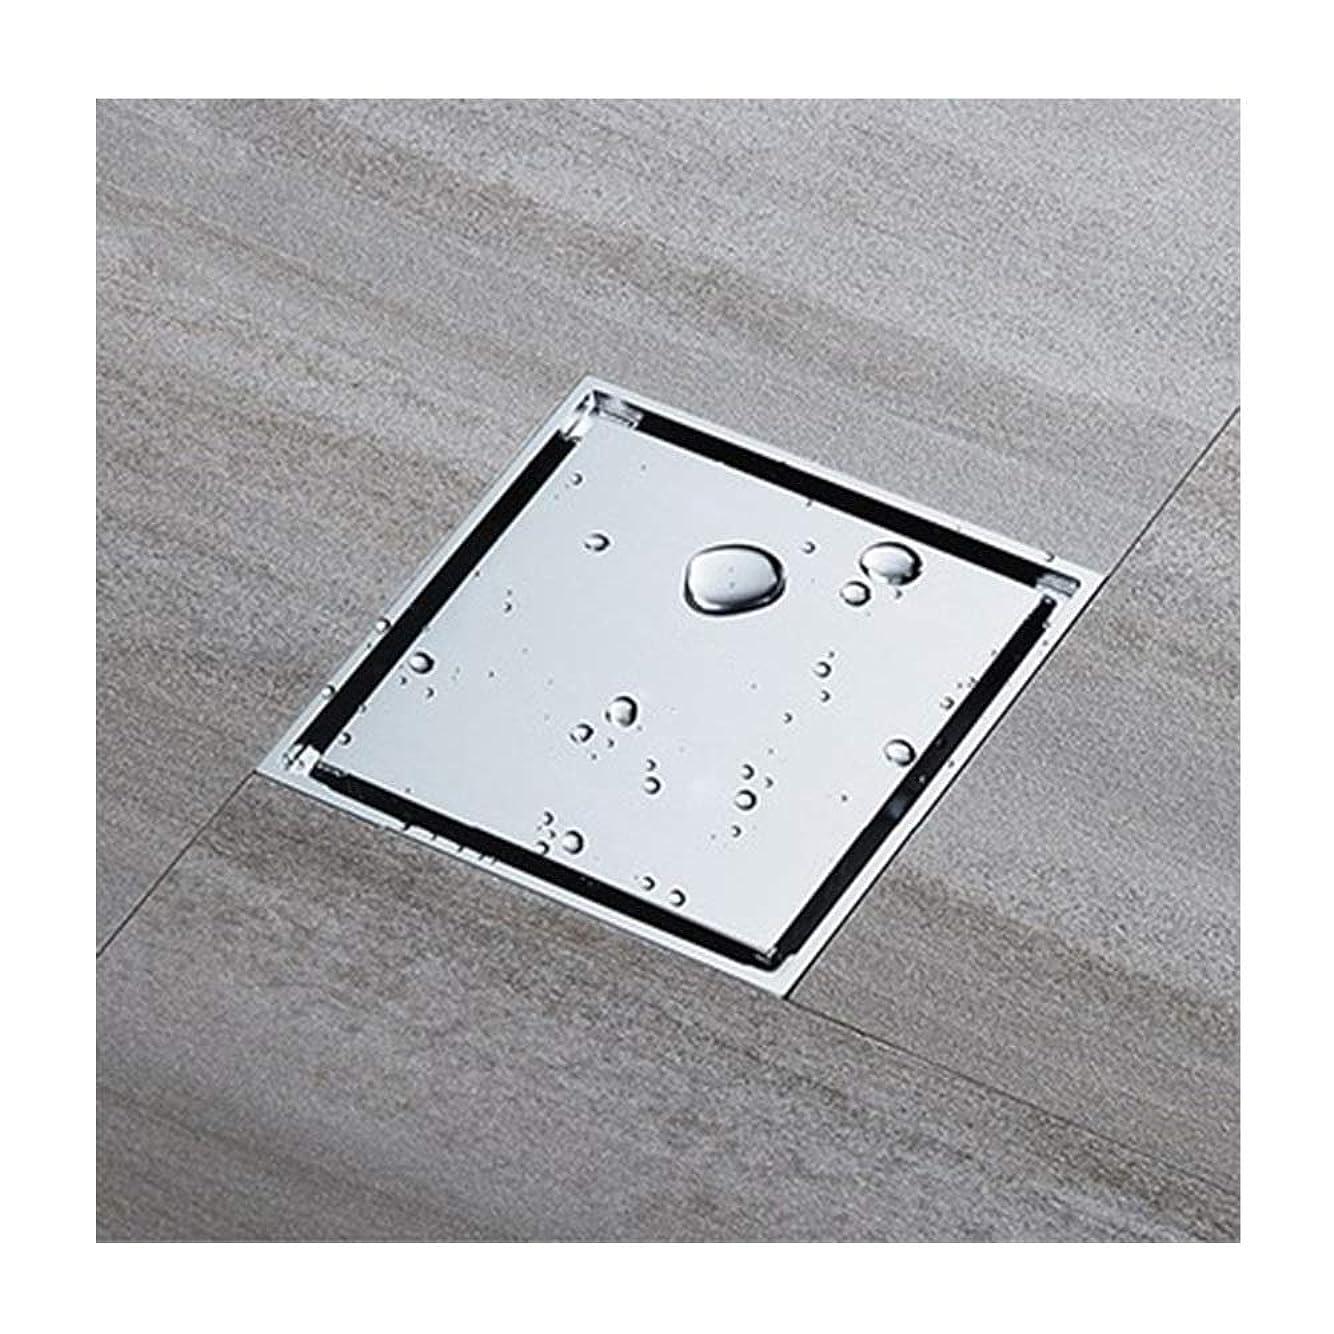 バック弱い取り消すバスルームキット 床排水カバー廃棄物排水器洗濯排水器専用シャワー床格子排水真鍮バスルームキッチンアクセサリー (Color : H051)